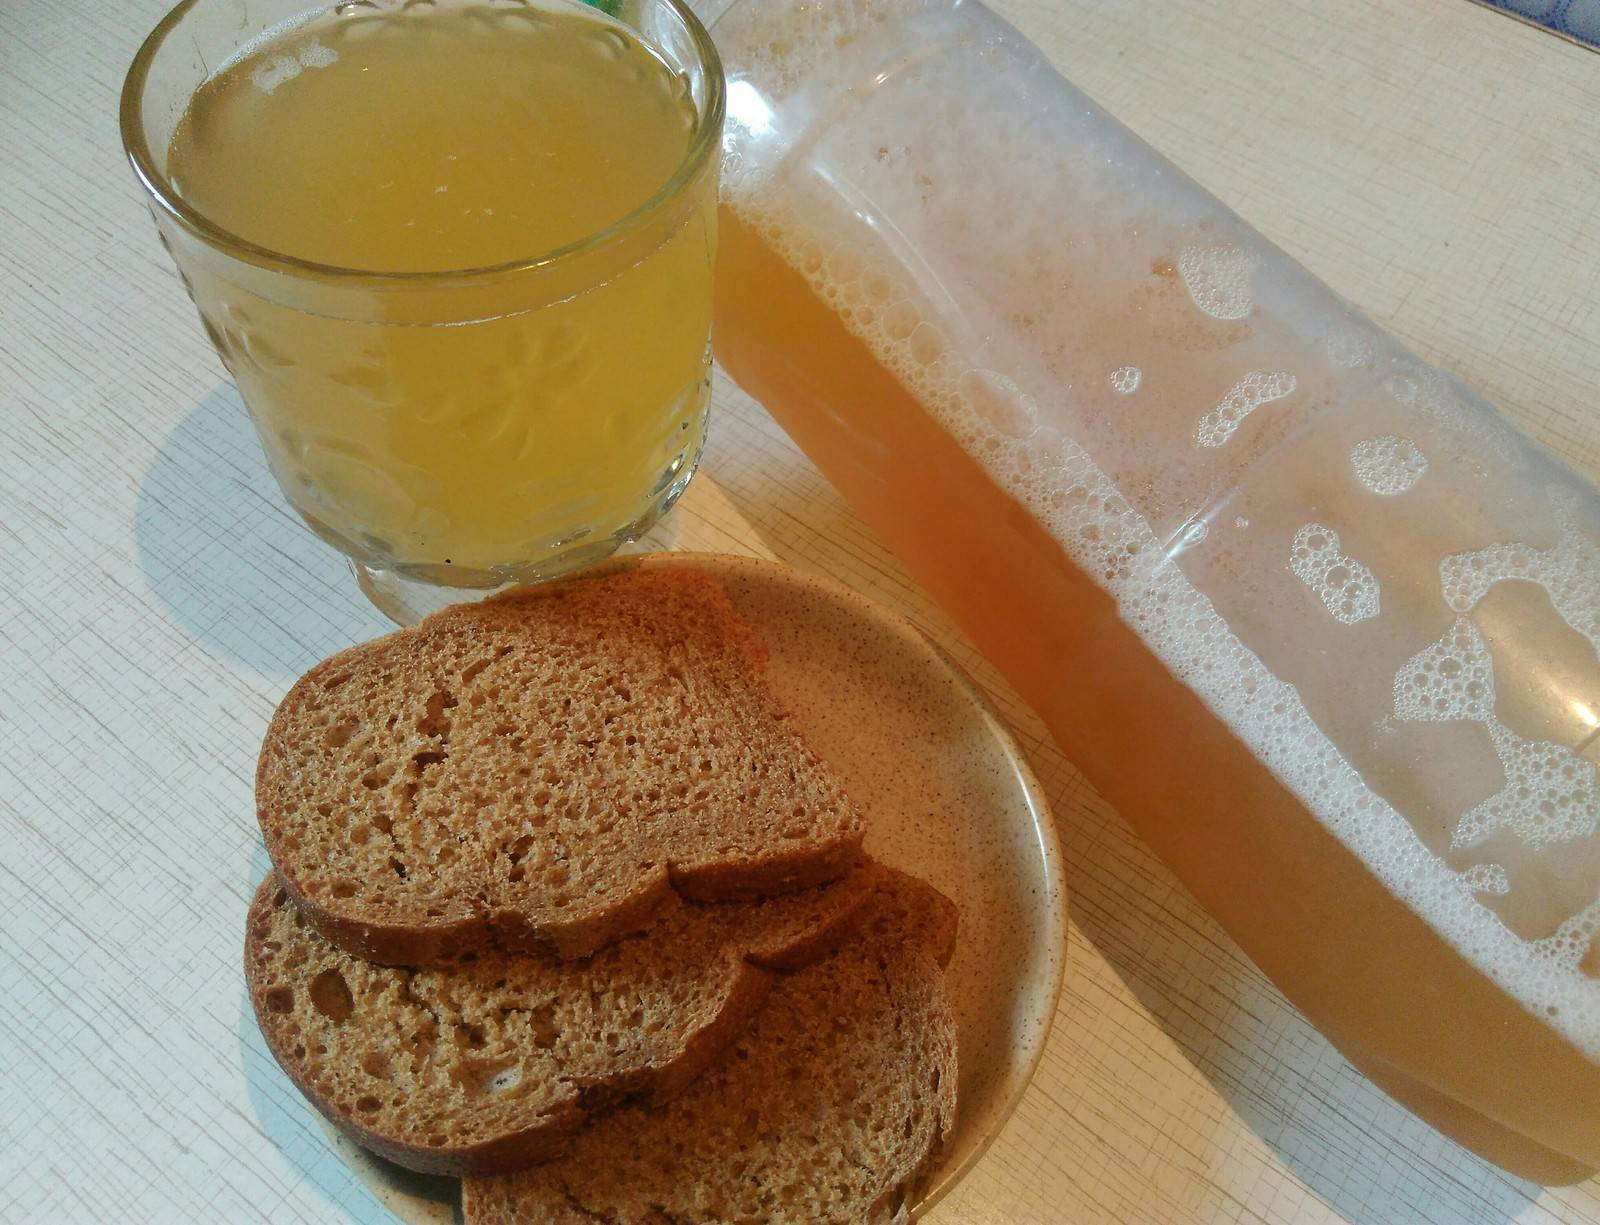 Топ-20 рецептов приготовления кваса в домашних условиях: классический и оригинальный, из хлеба, ржаной, без дрожжей, свекольный и другие (фото & видео)